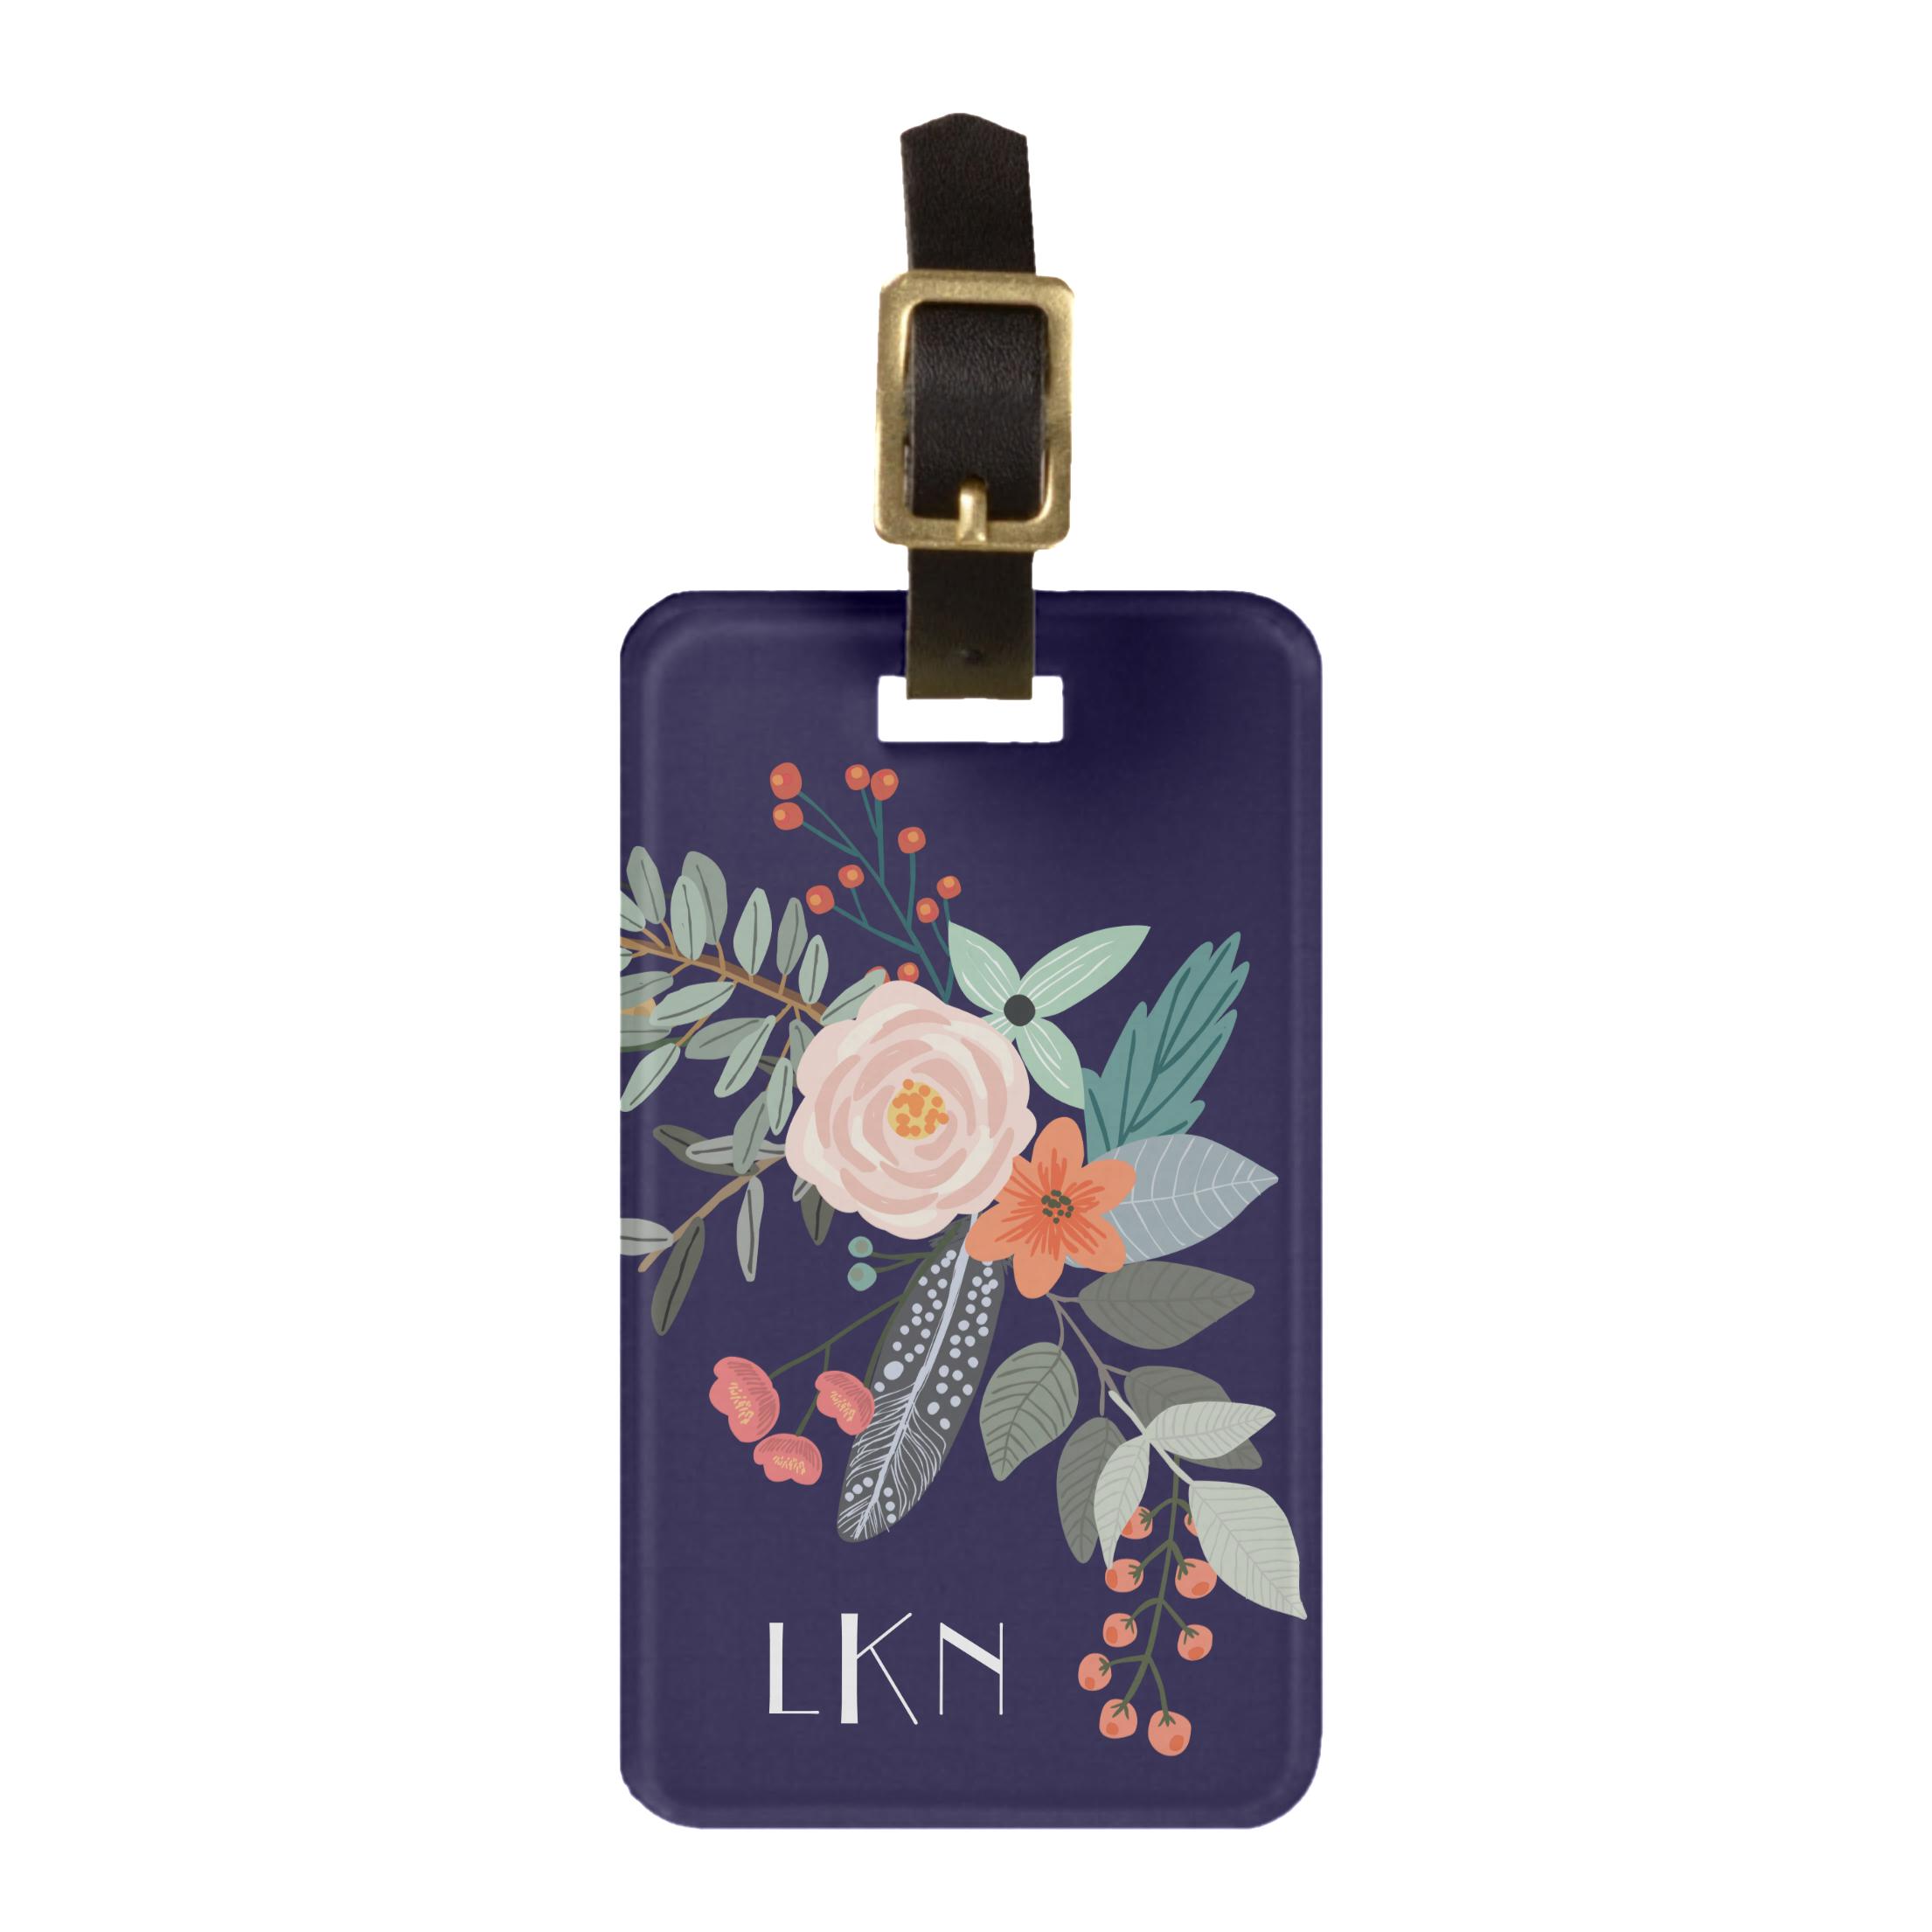 Monogram Botanical Luggage Tag